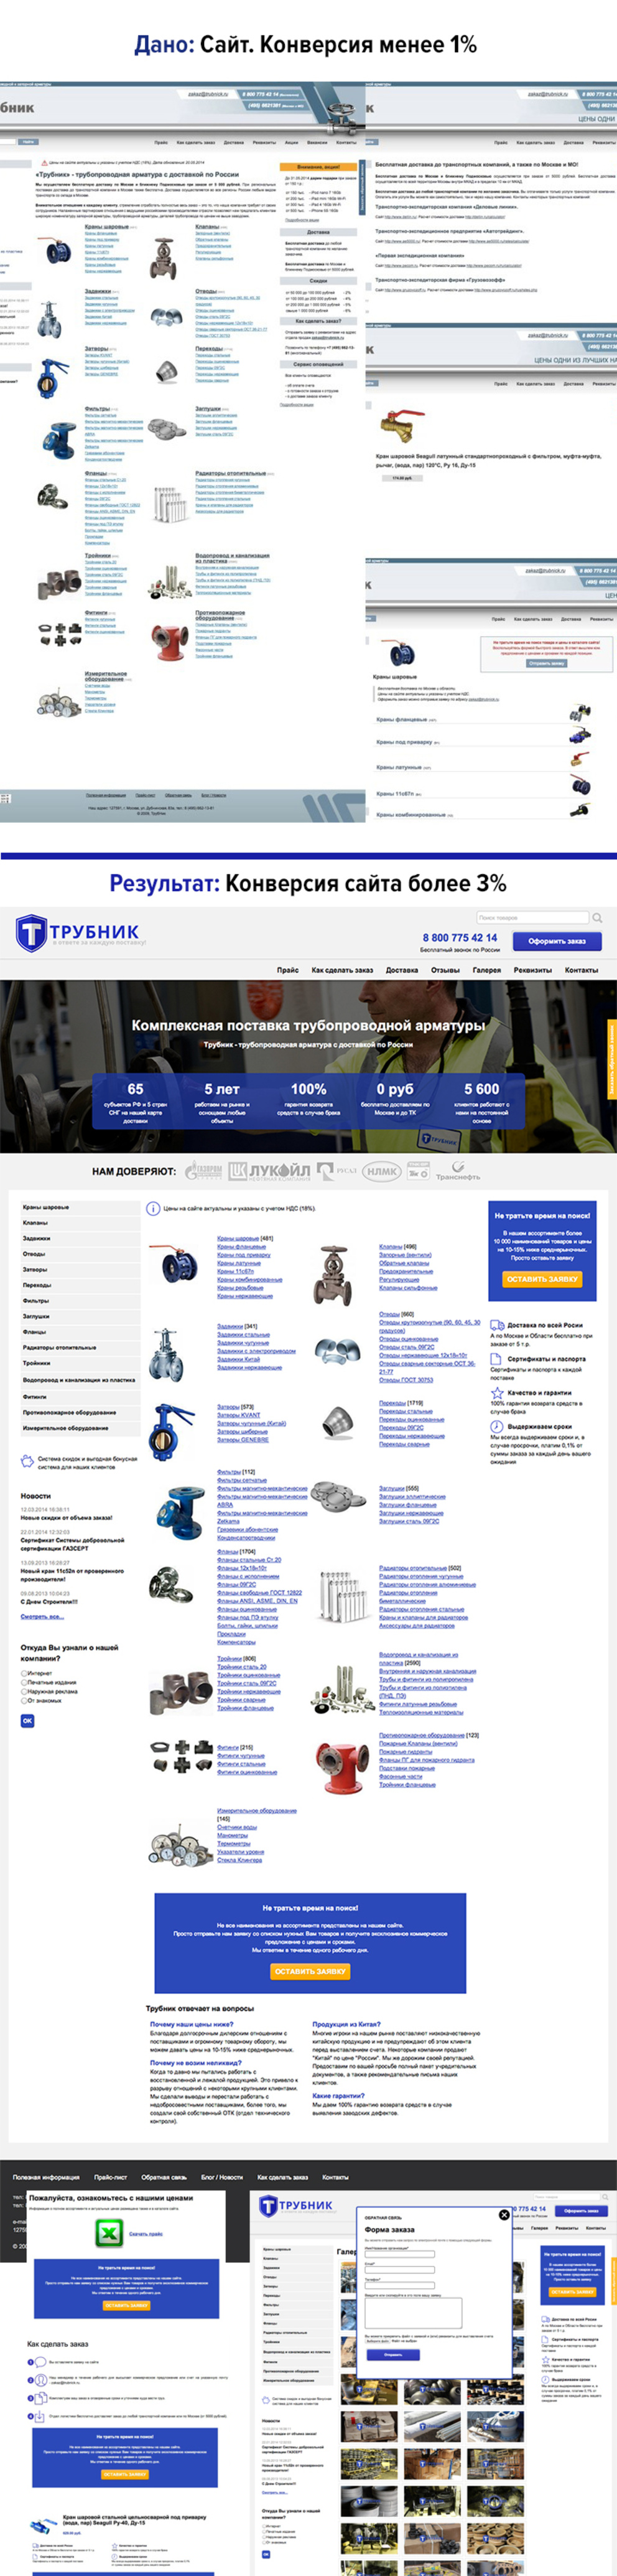 Конверсионный редизайн сайта / CRO / Проект компании RAMZA